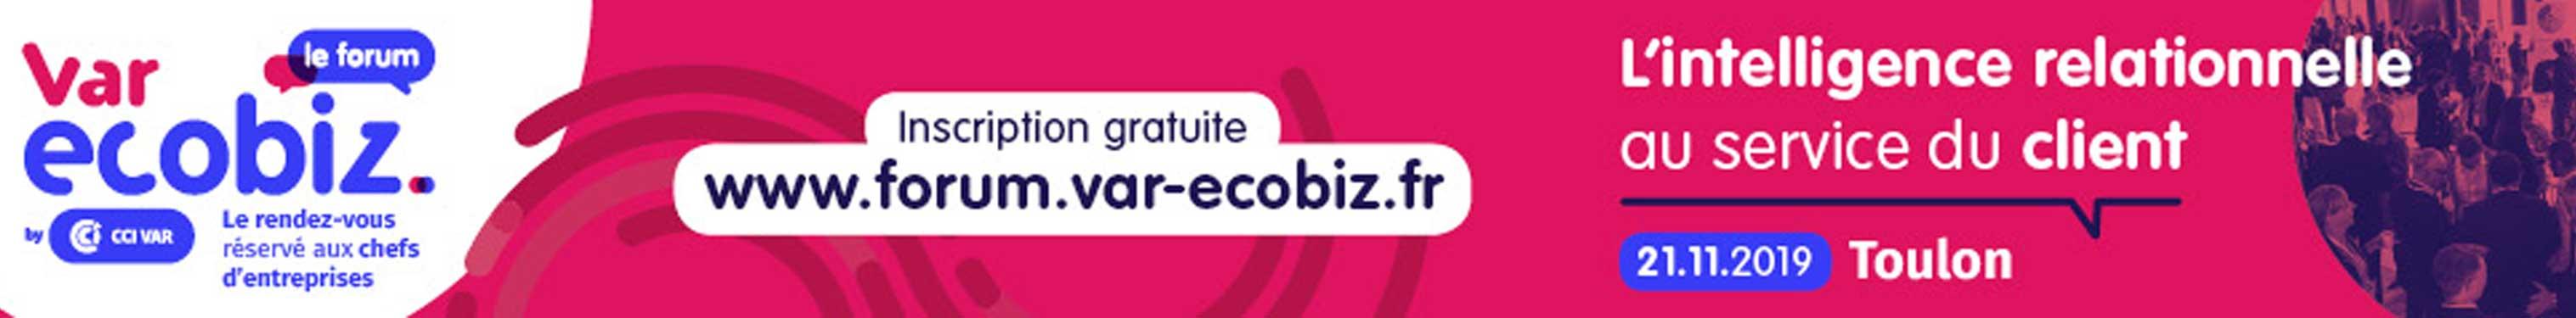 Var Ecobiz 2019